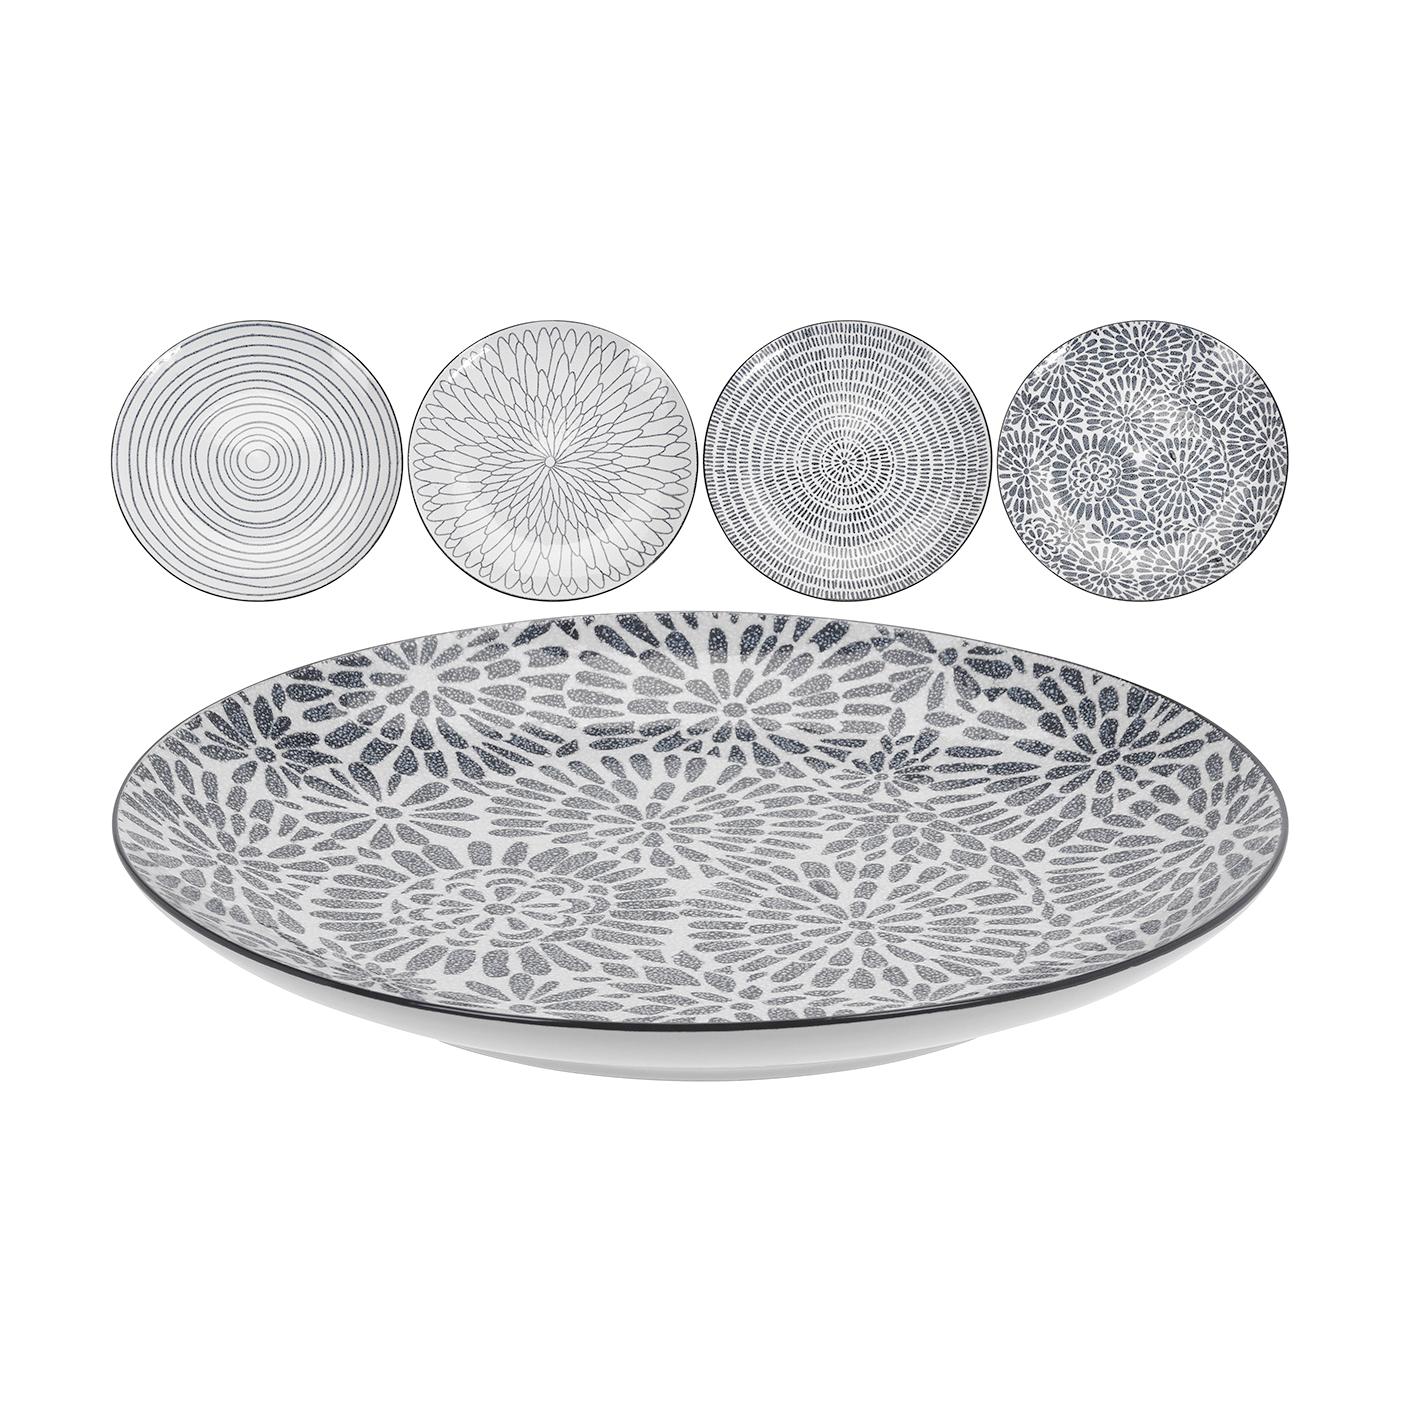 Тарелка Koopman tableware монохром 27x2,5 см фото